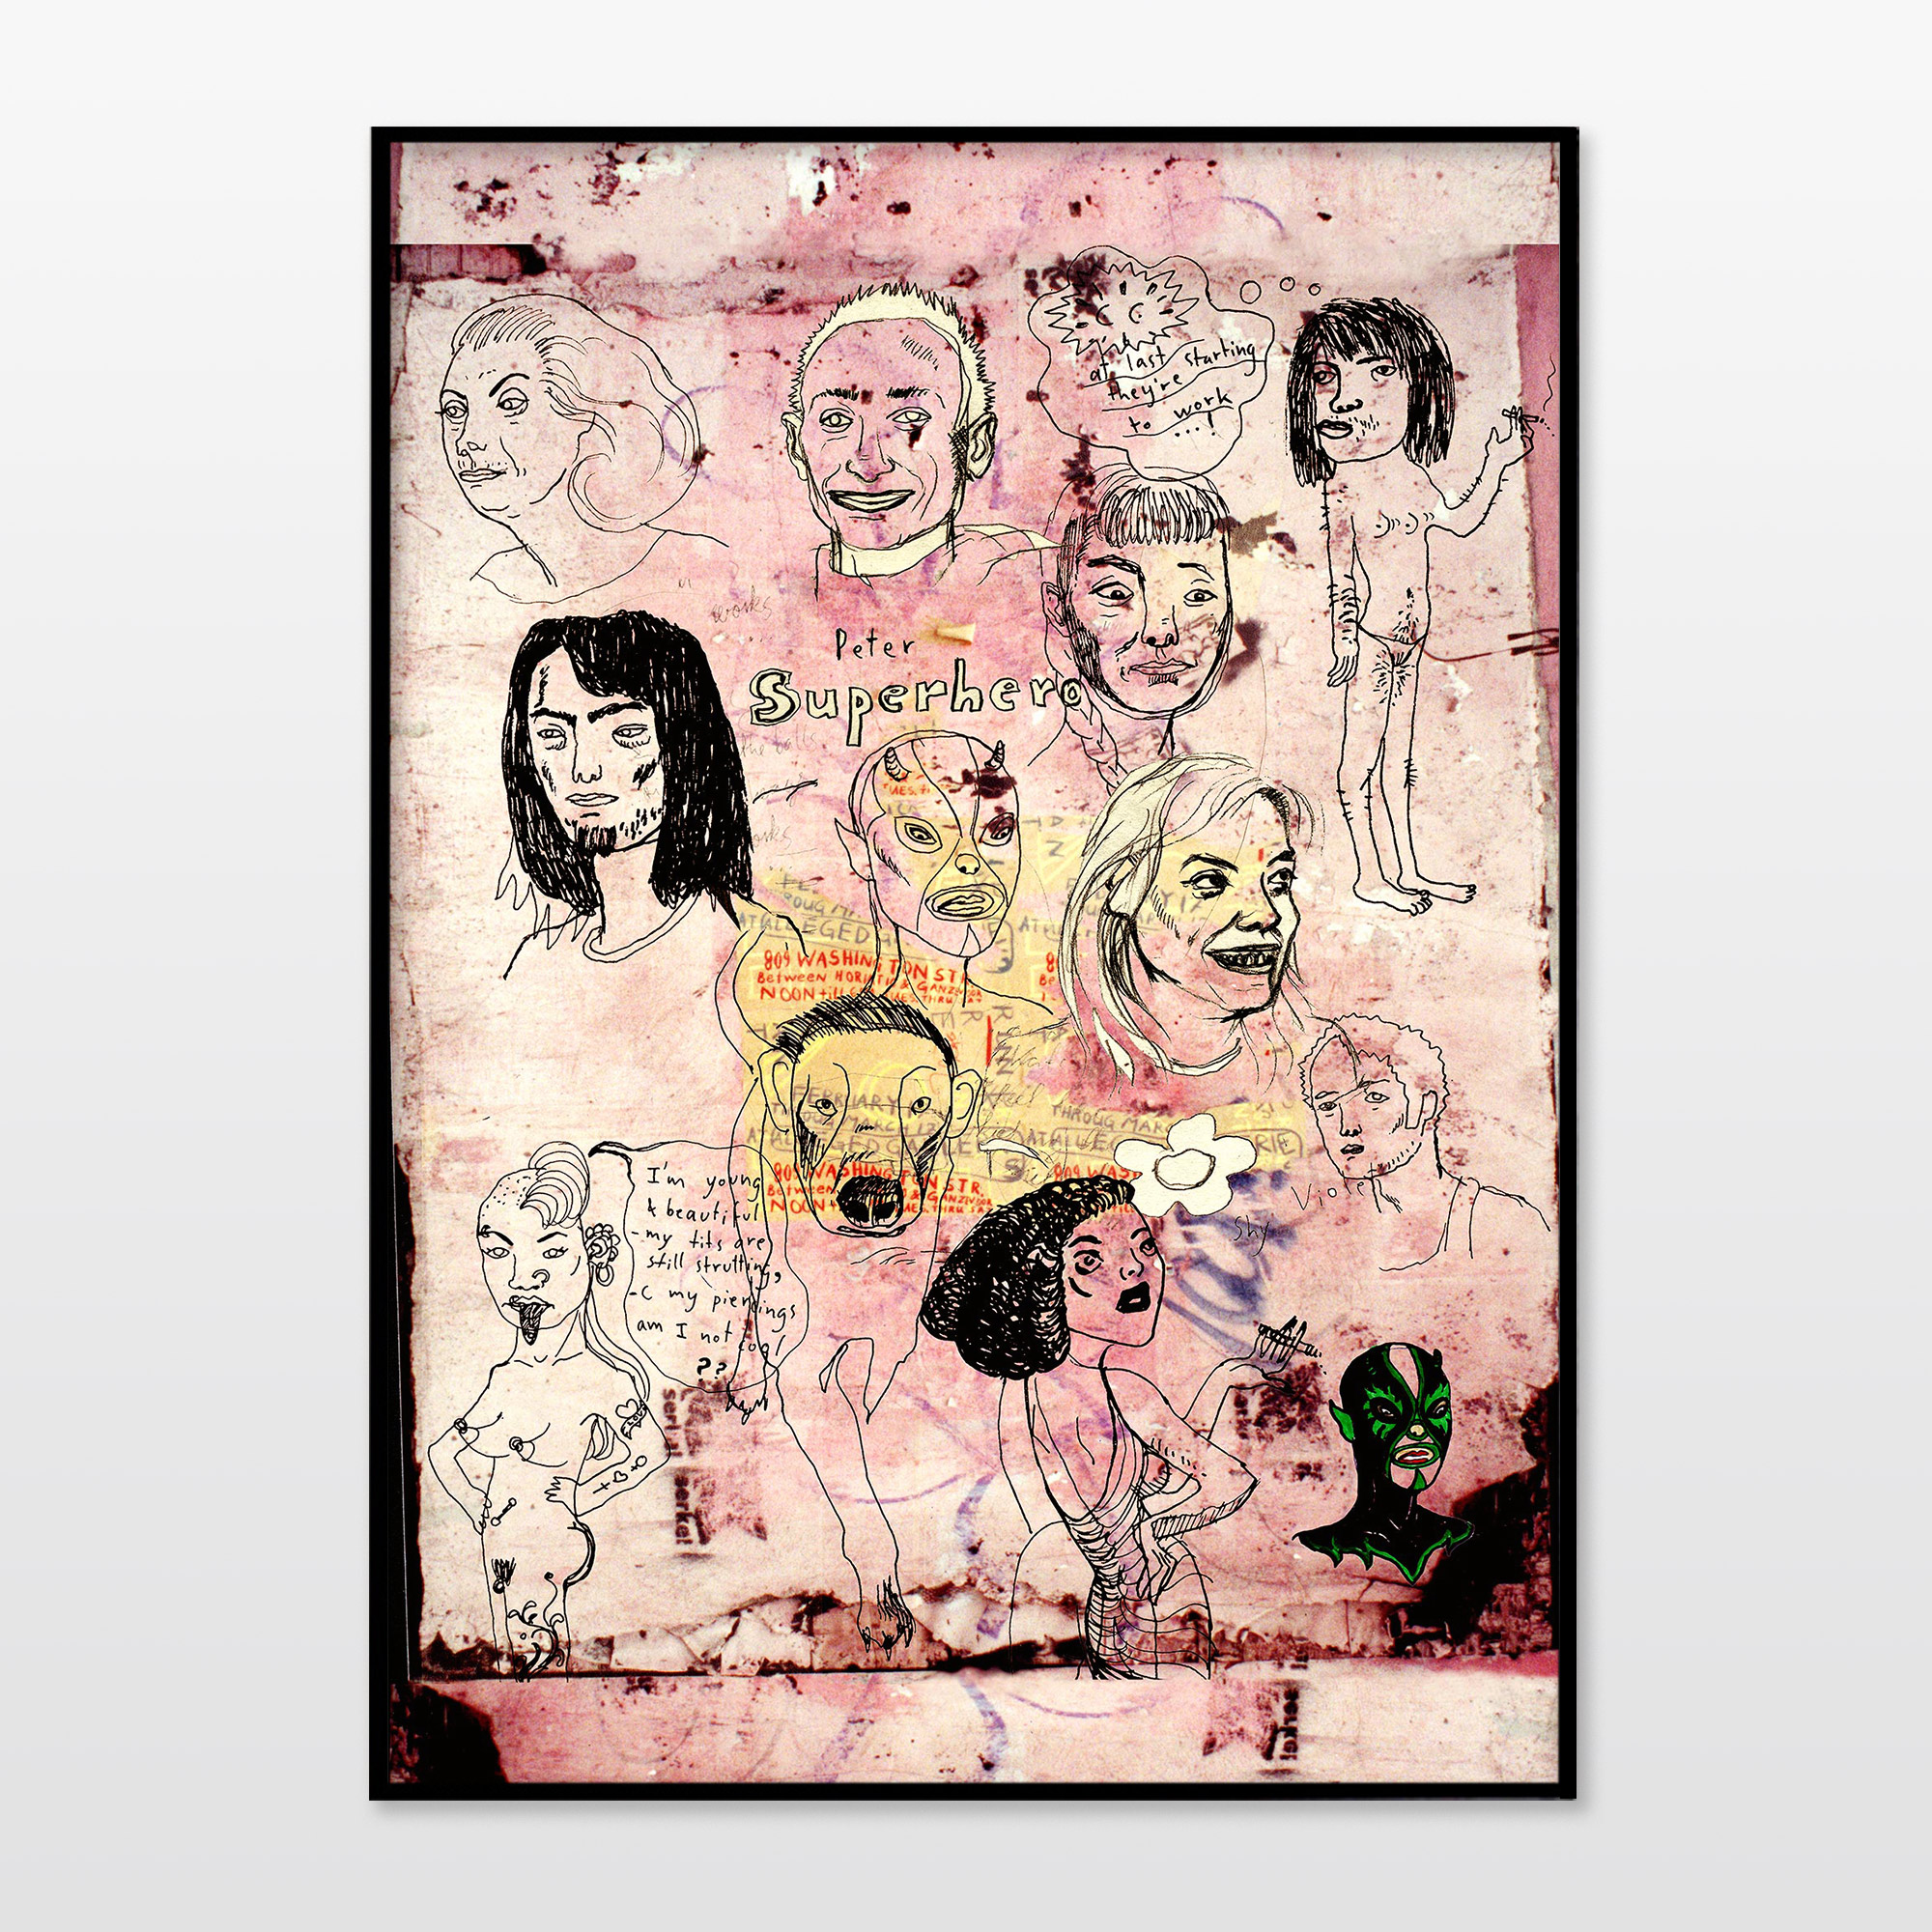 plakater-posters-kunsttryk, giclee-tryk, figurative, portræt, kroppe, humor, kæledyr, sorte, pink, blæk, papir, sjove, samtidskunst, dansk, dekorative, design, hunde, ansigter, interiør, bolig-indretning, mænd, moderne, moderne-kunst, nordisk, skandinavisk, Køb original kunst og kunstplakater. Malerier, tegninger, limited edition kunsttryk & plakater af dygtige kunstnere.